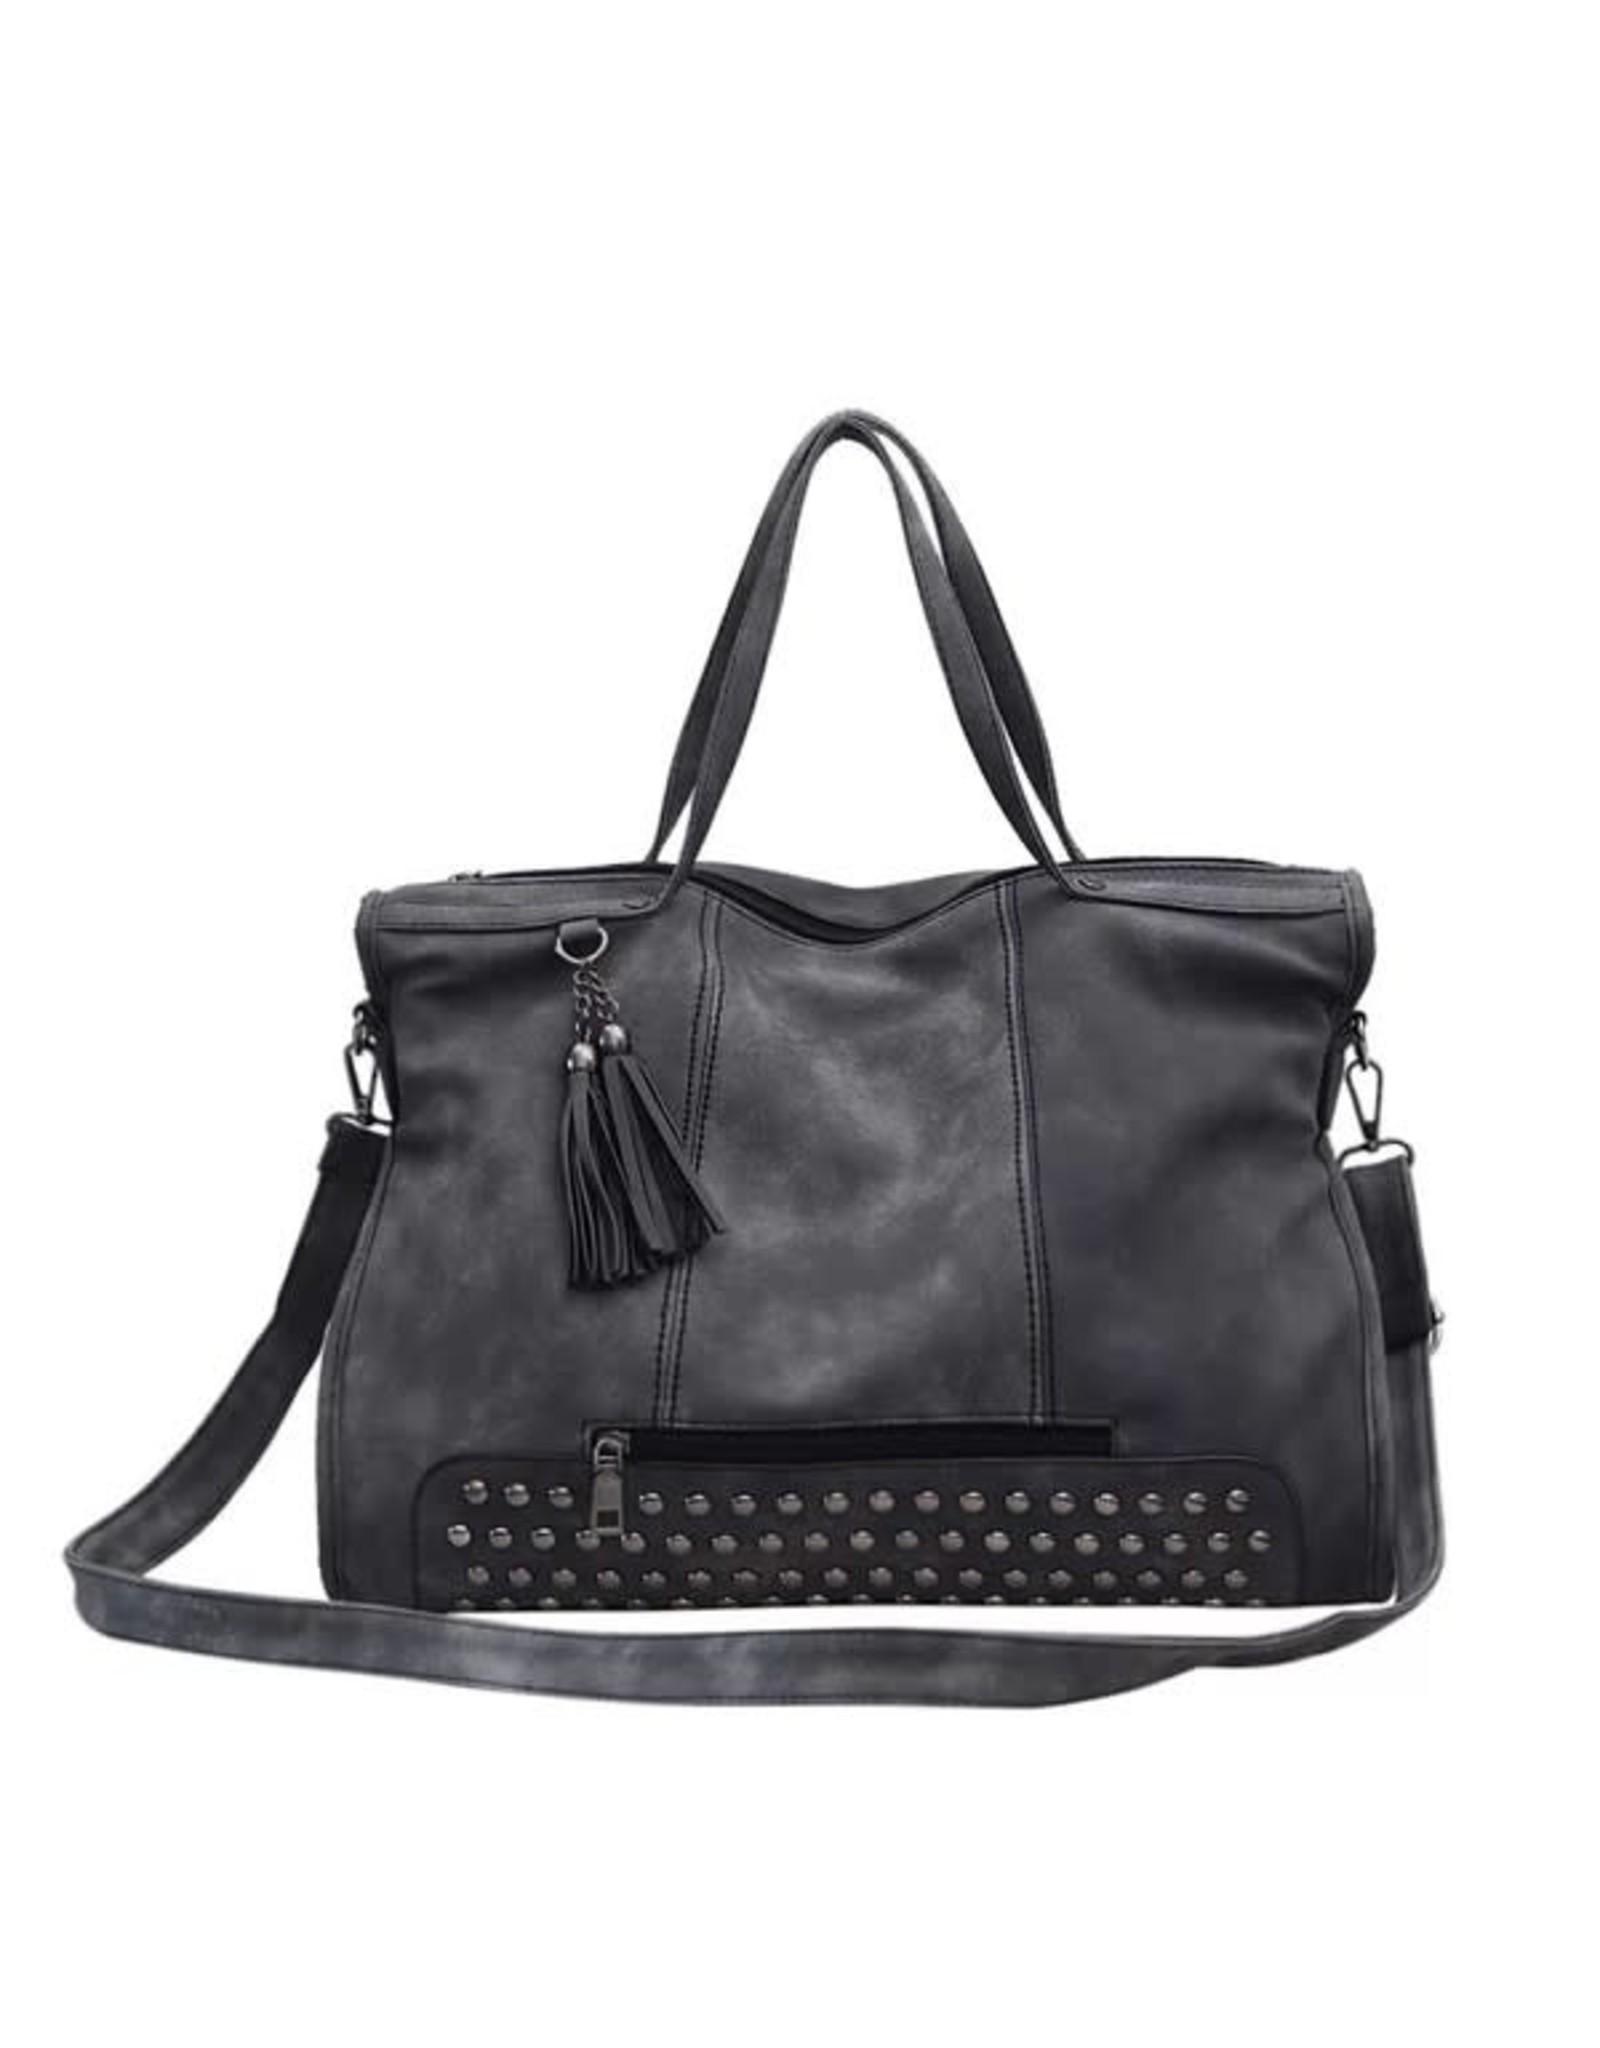 Rivet Handbag